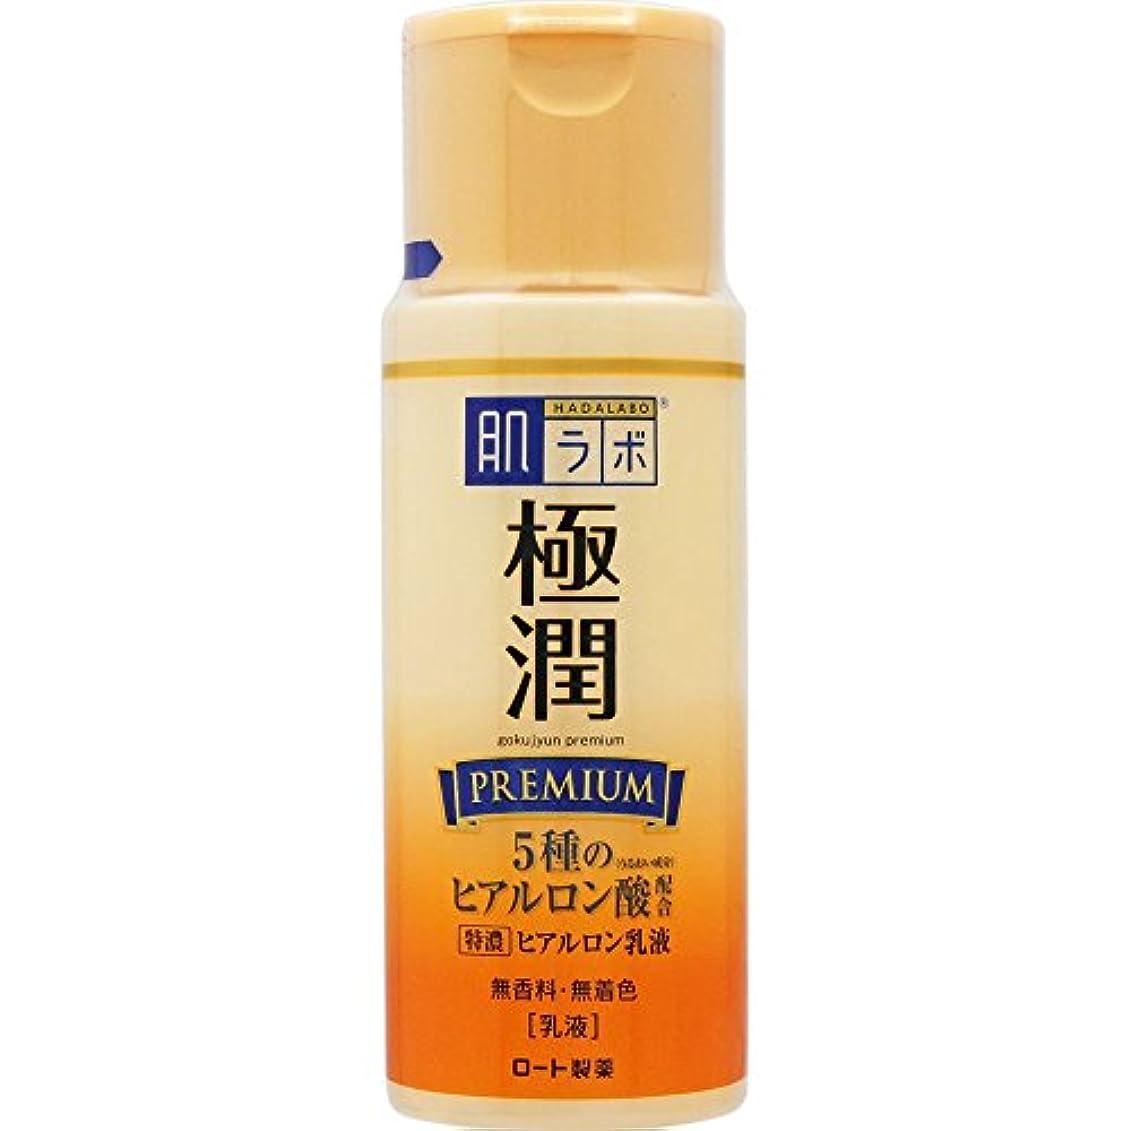 鼻ほかにサイドボード肌ラボ 極潤プレミアム 特濃ヒアルロン乳液 ヒアルロン酸5種類×サクラン配合 140ml